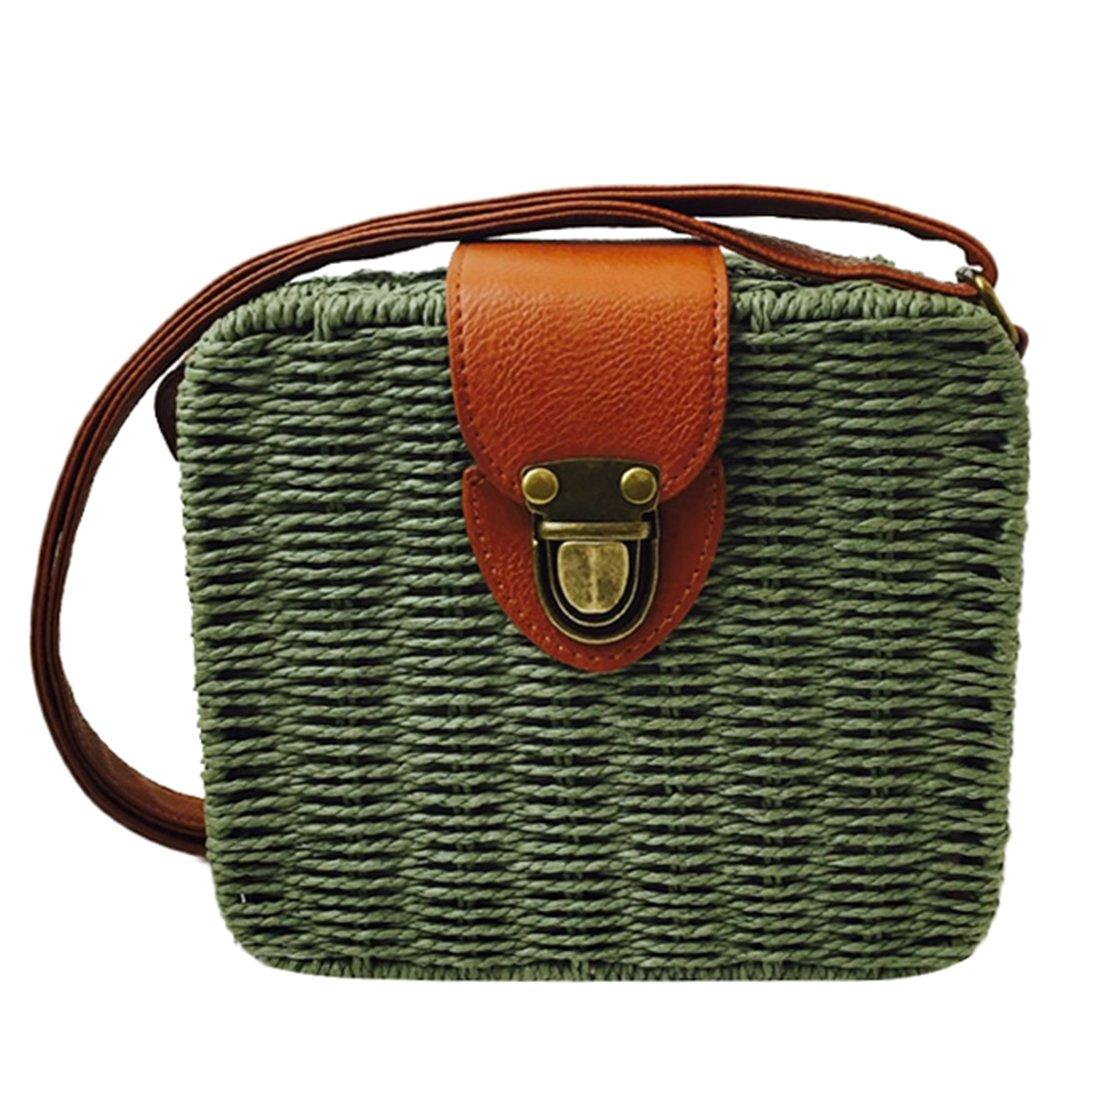 Summer Straw Woven Bag for Women Beach Handbag Crossbody Shoulder Bag Messenger Satchel (Green)